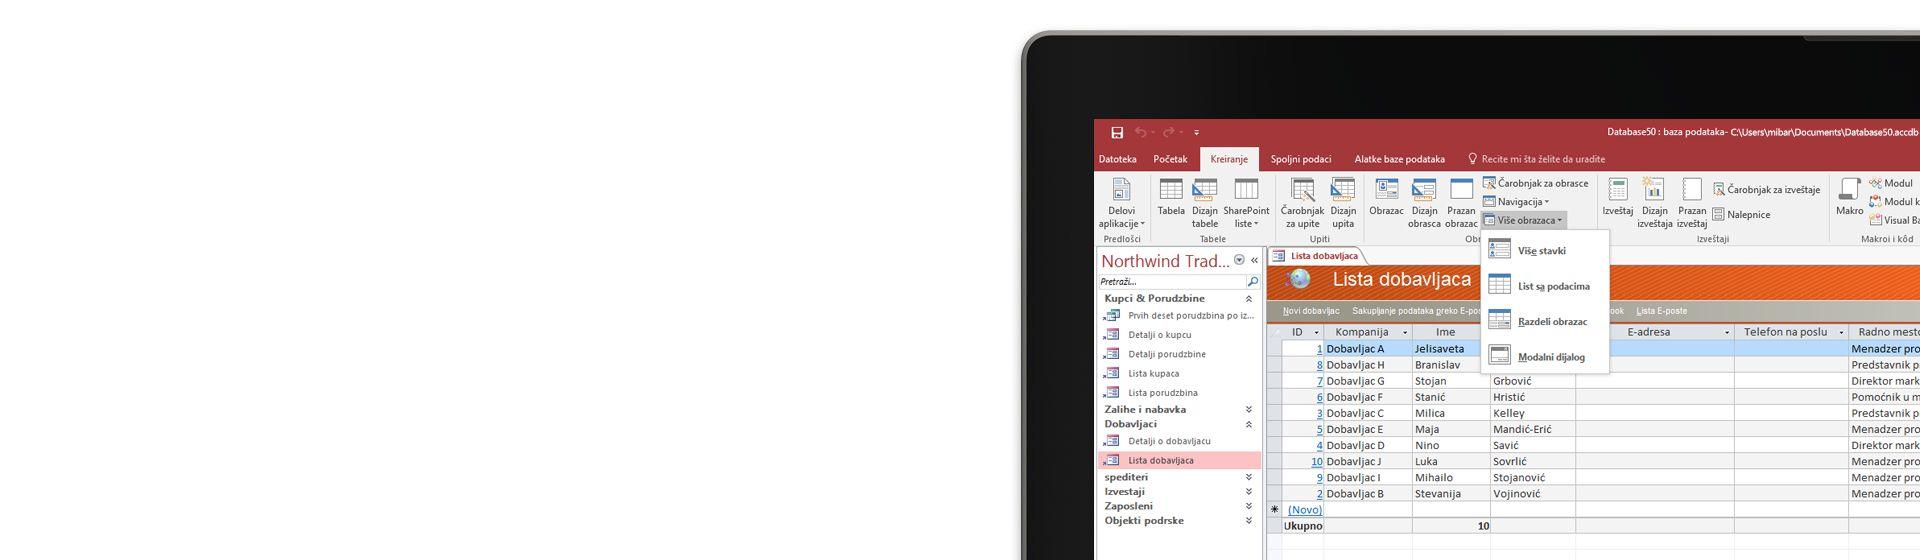 Deo ekrana računara koji prikazuje listu dobavljača u bazi podataka u programu Microsoft Access.